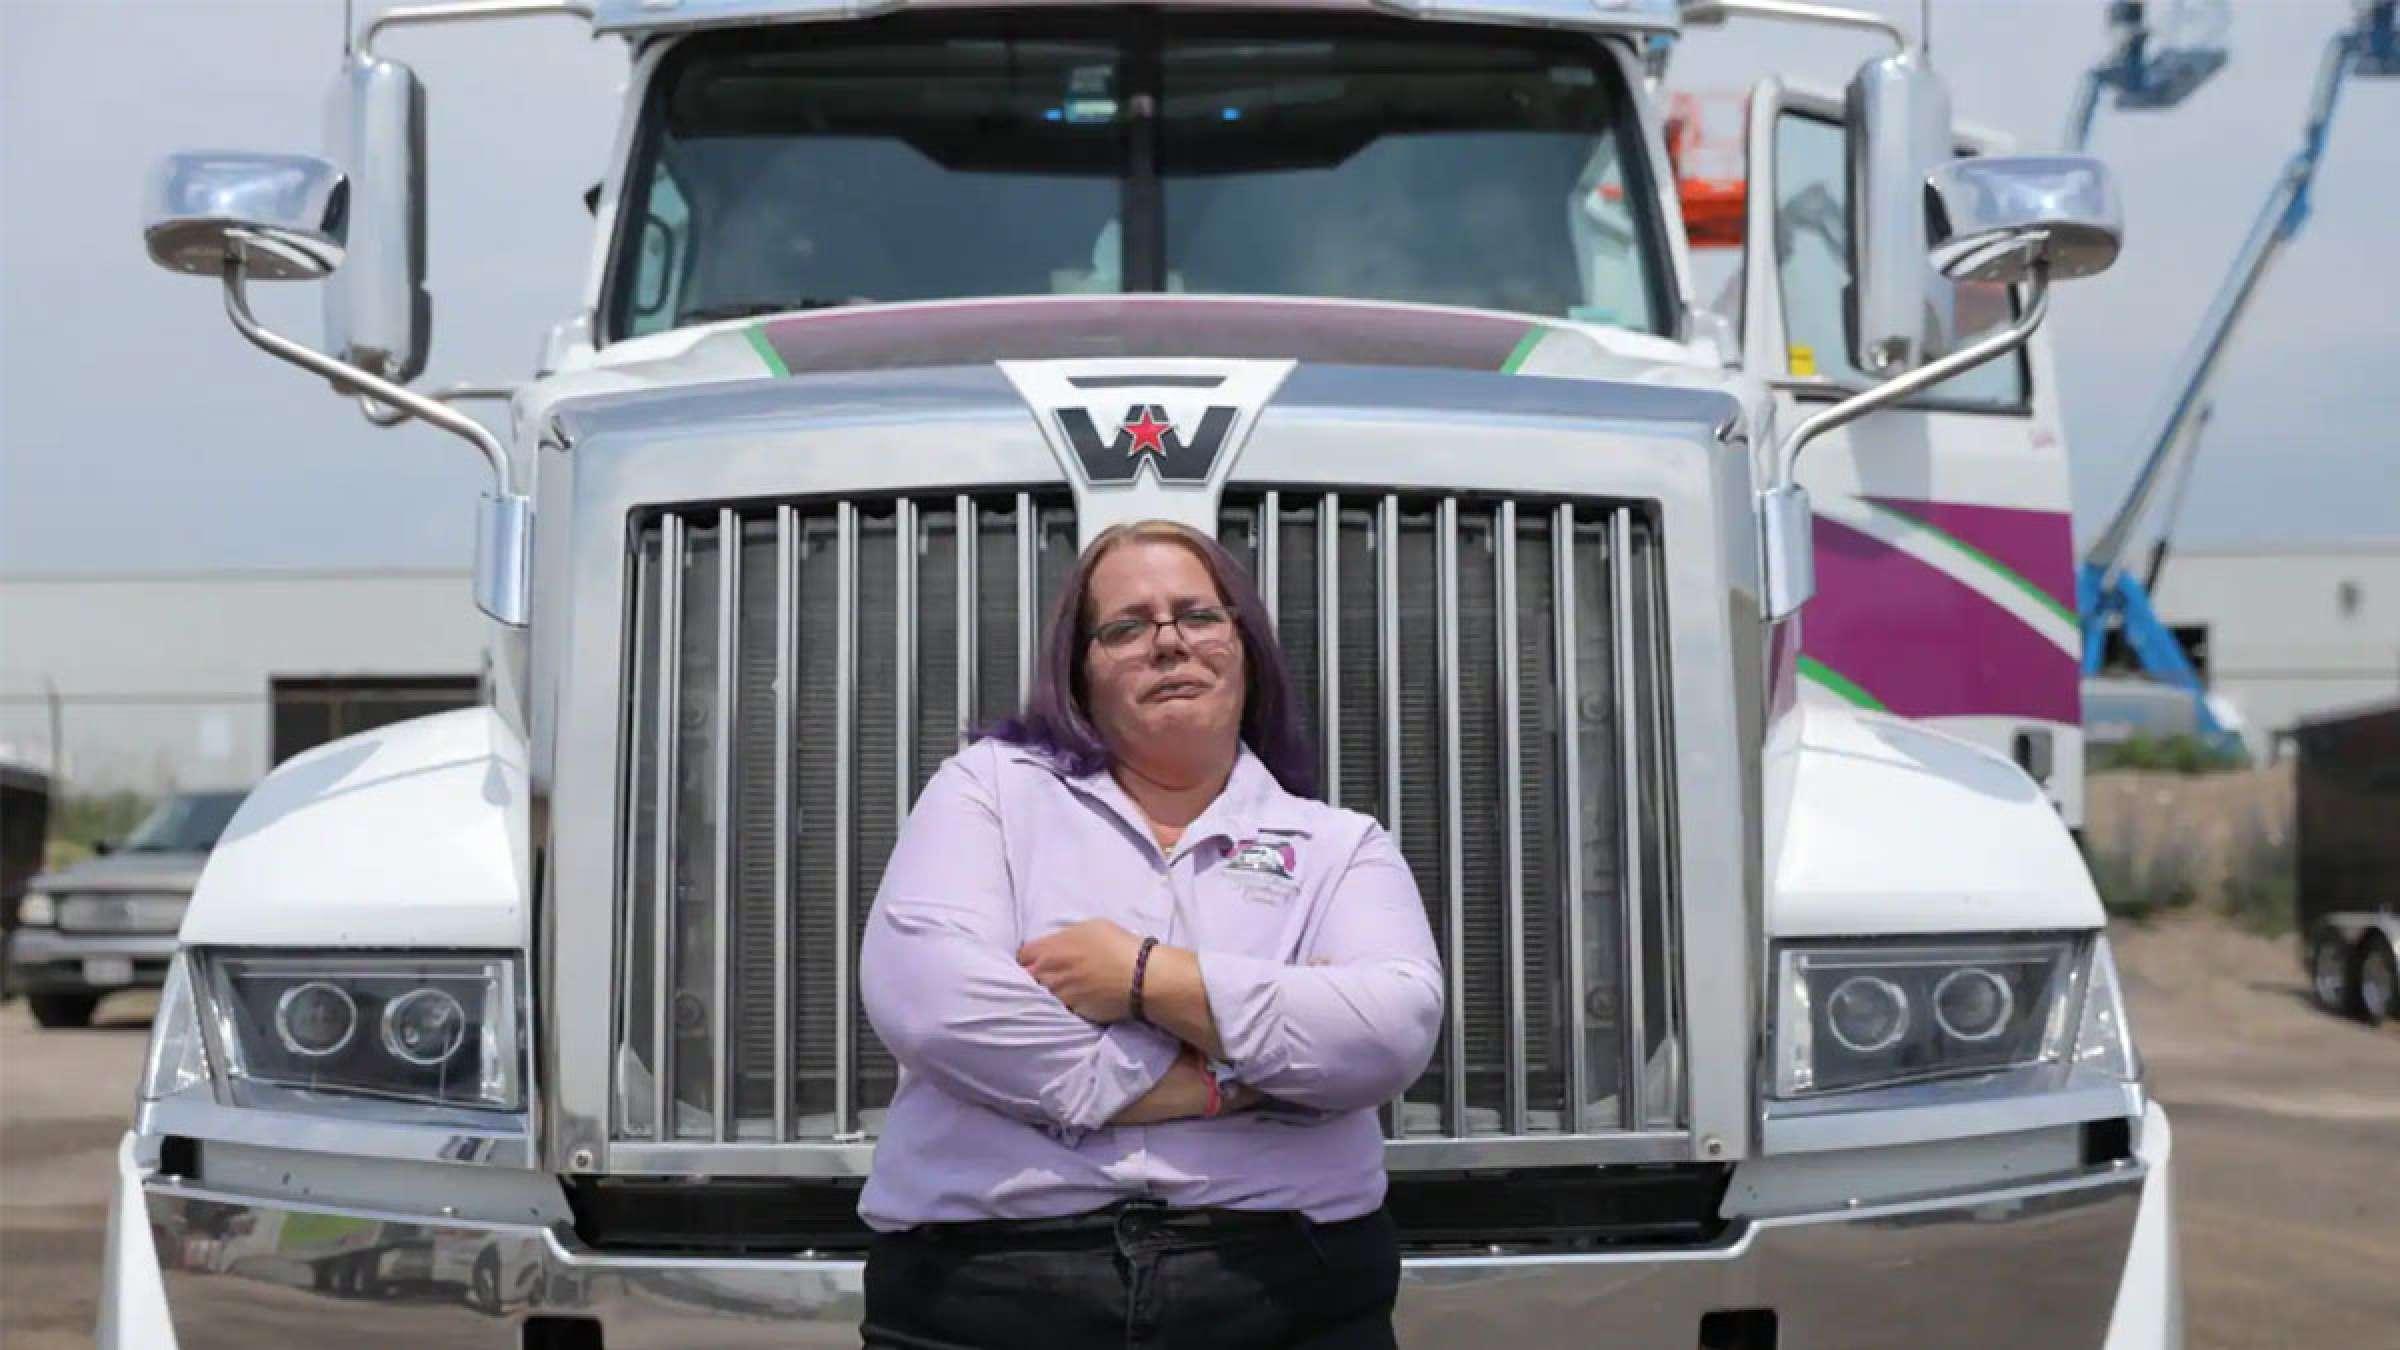 خبر-تورنتو-فورد-لایحه-استفاده-دستشویی-رانندگان-تحویل-دهنده-اجناس-مجلس